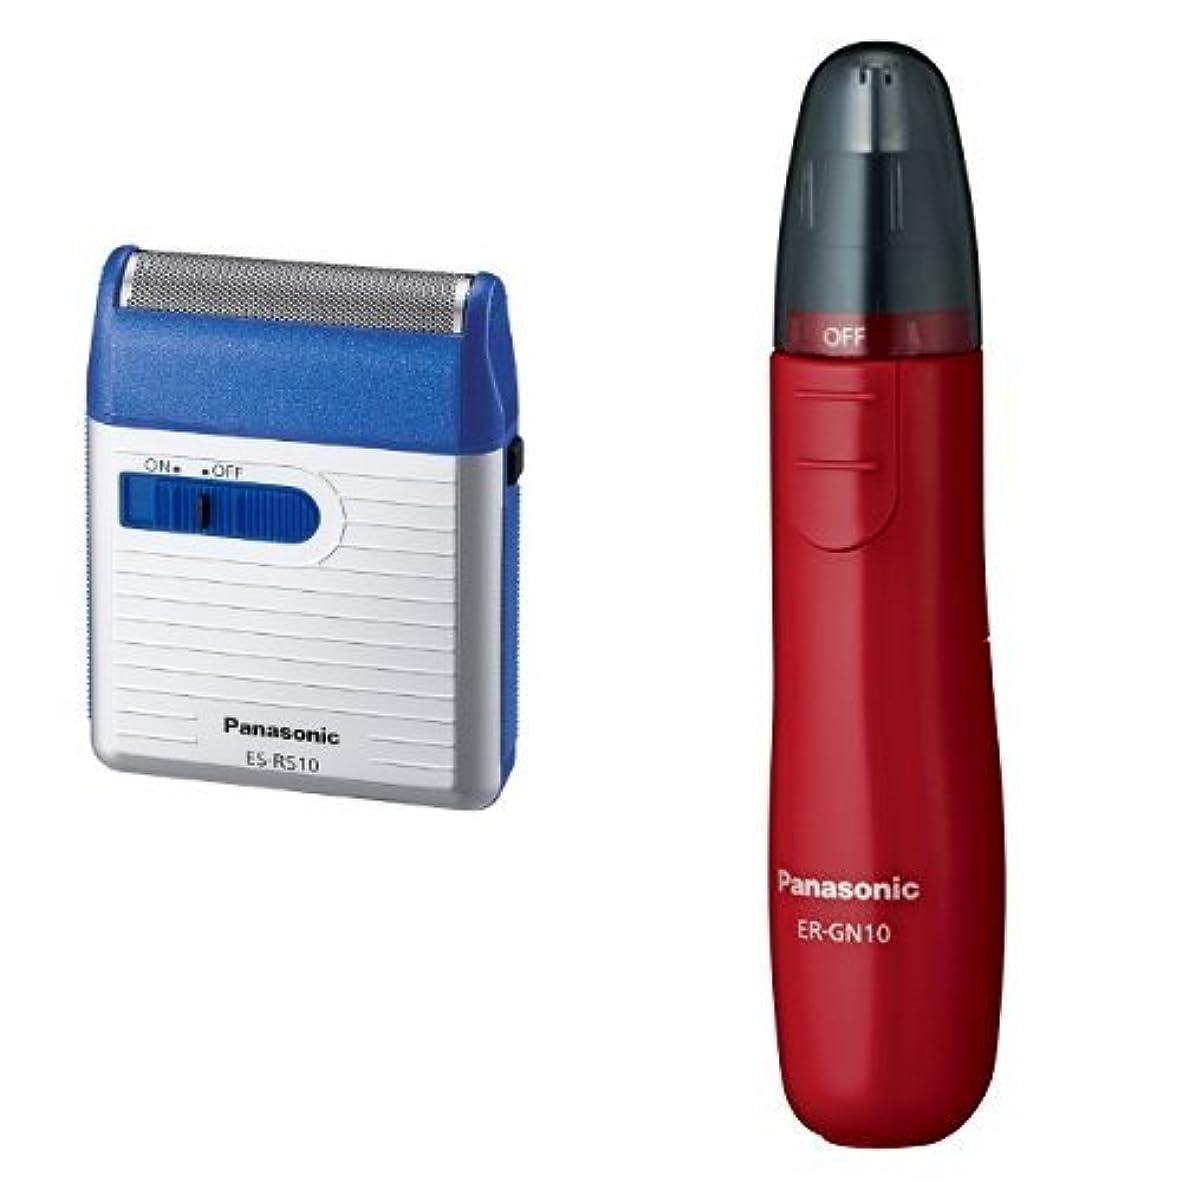 正確なキロメートルお祝いパナソニック メンズシェーバー 1枚刃 青 ES-RS10-A + エチケットカッター 赤 ER-GN10-R セット